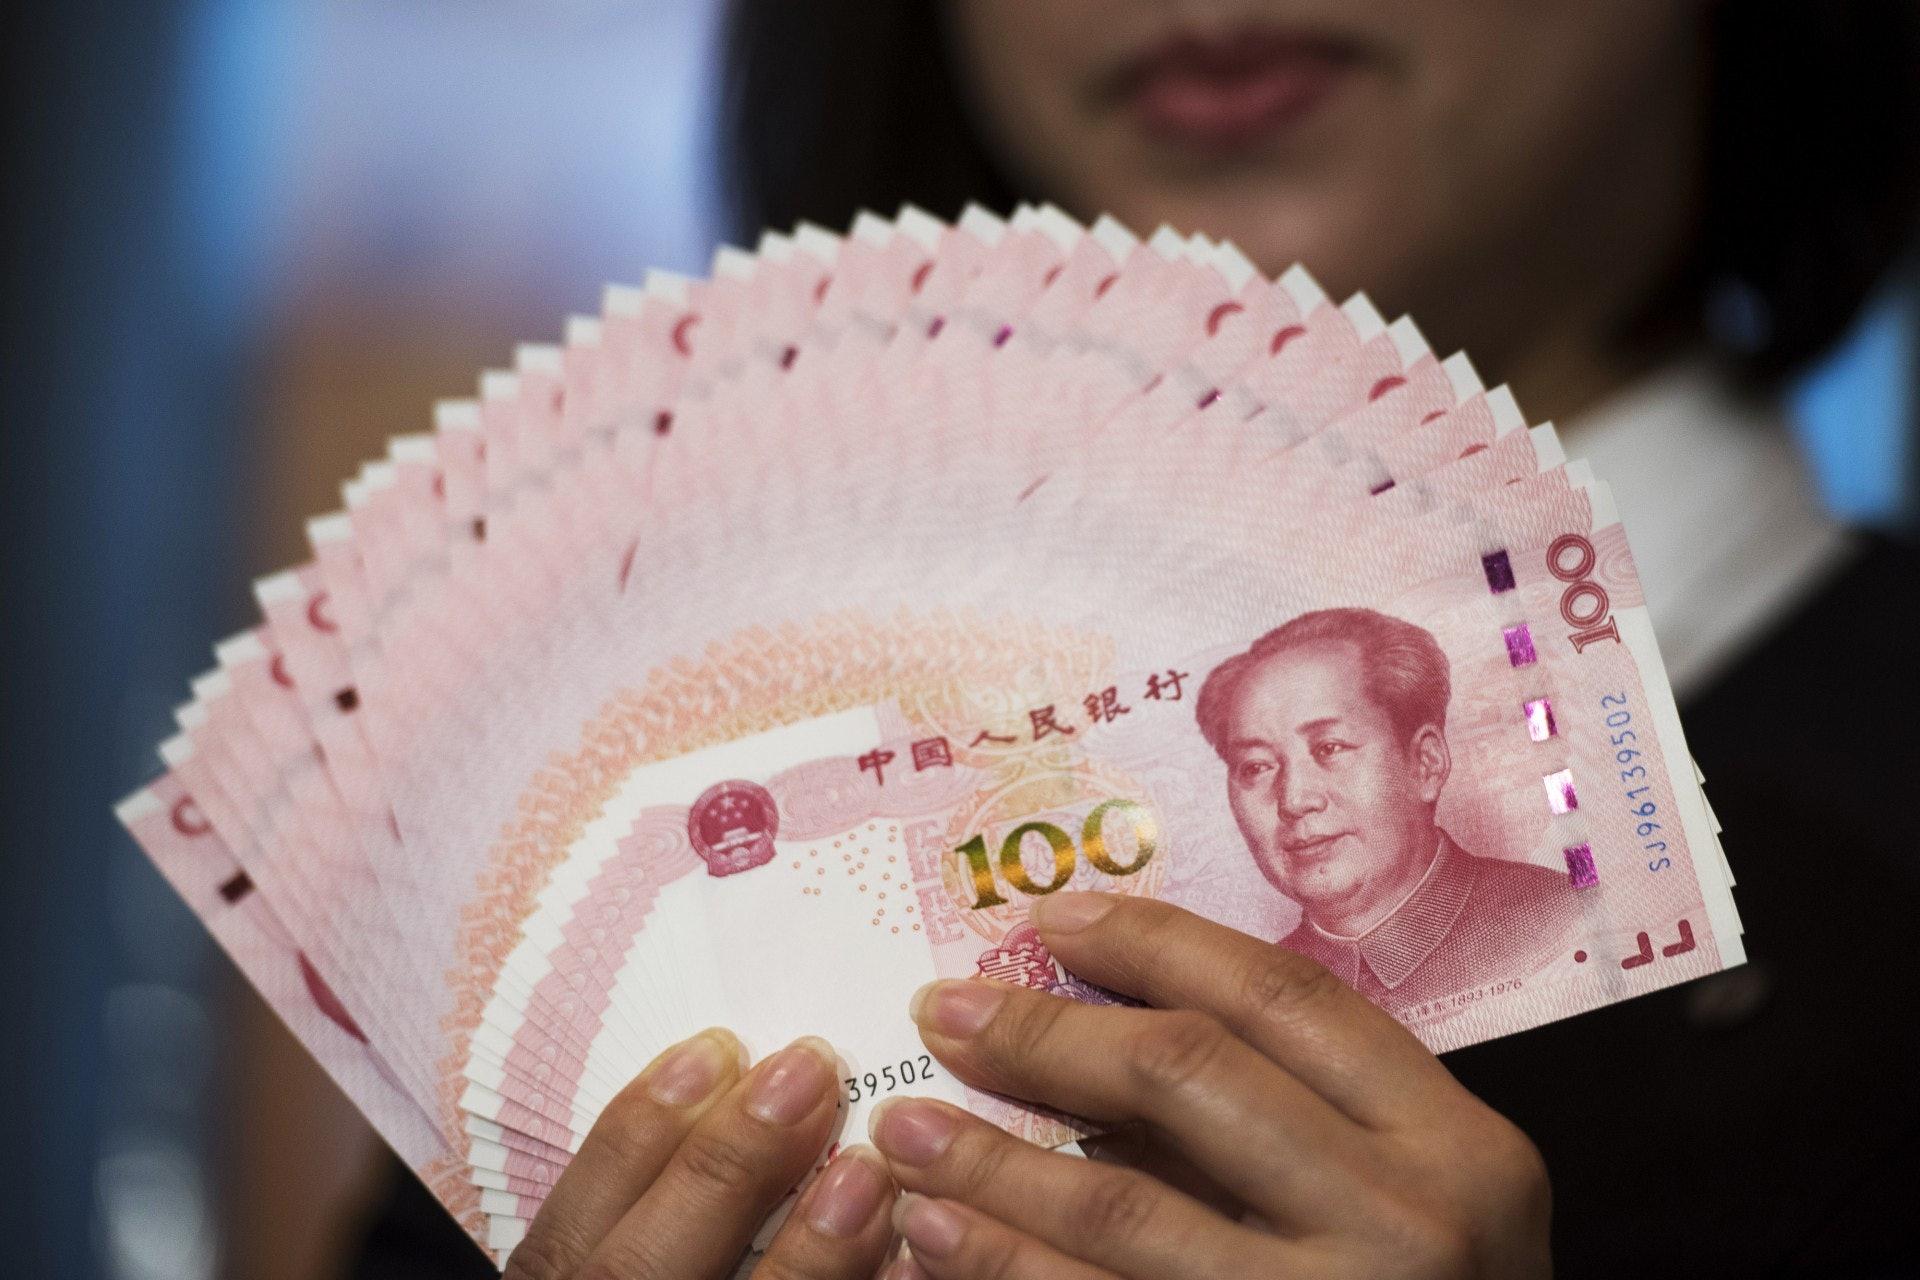 旅行注意 投資者最看好泰銖升值 新台幣沽壓重